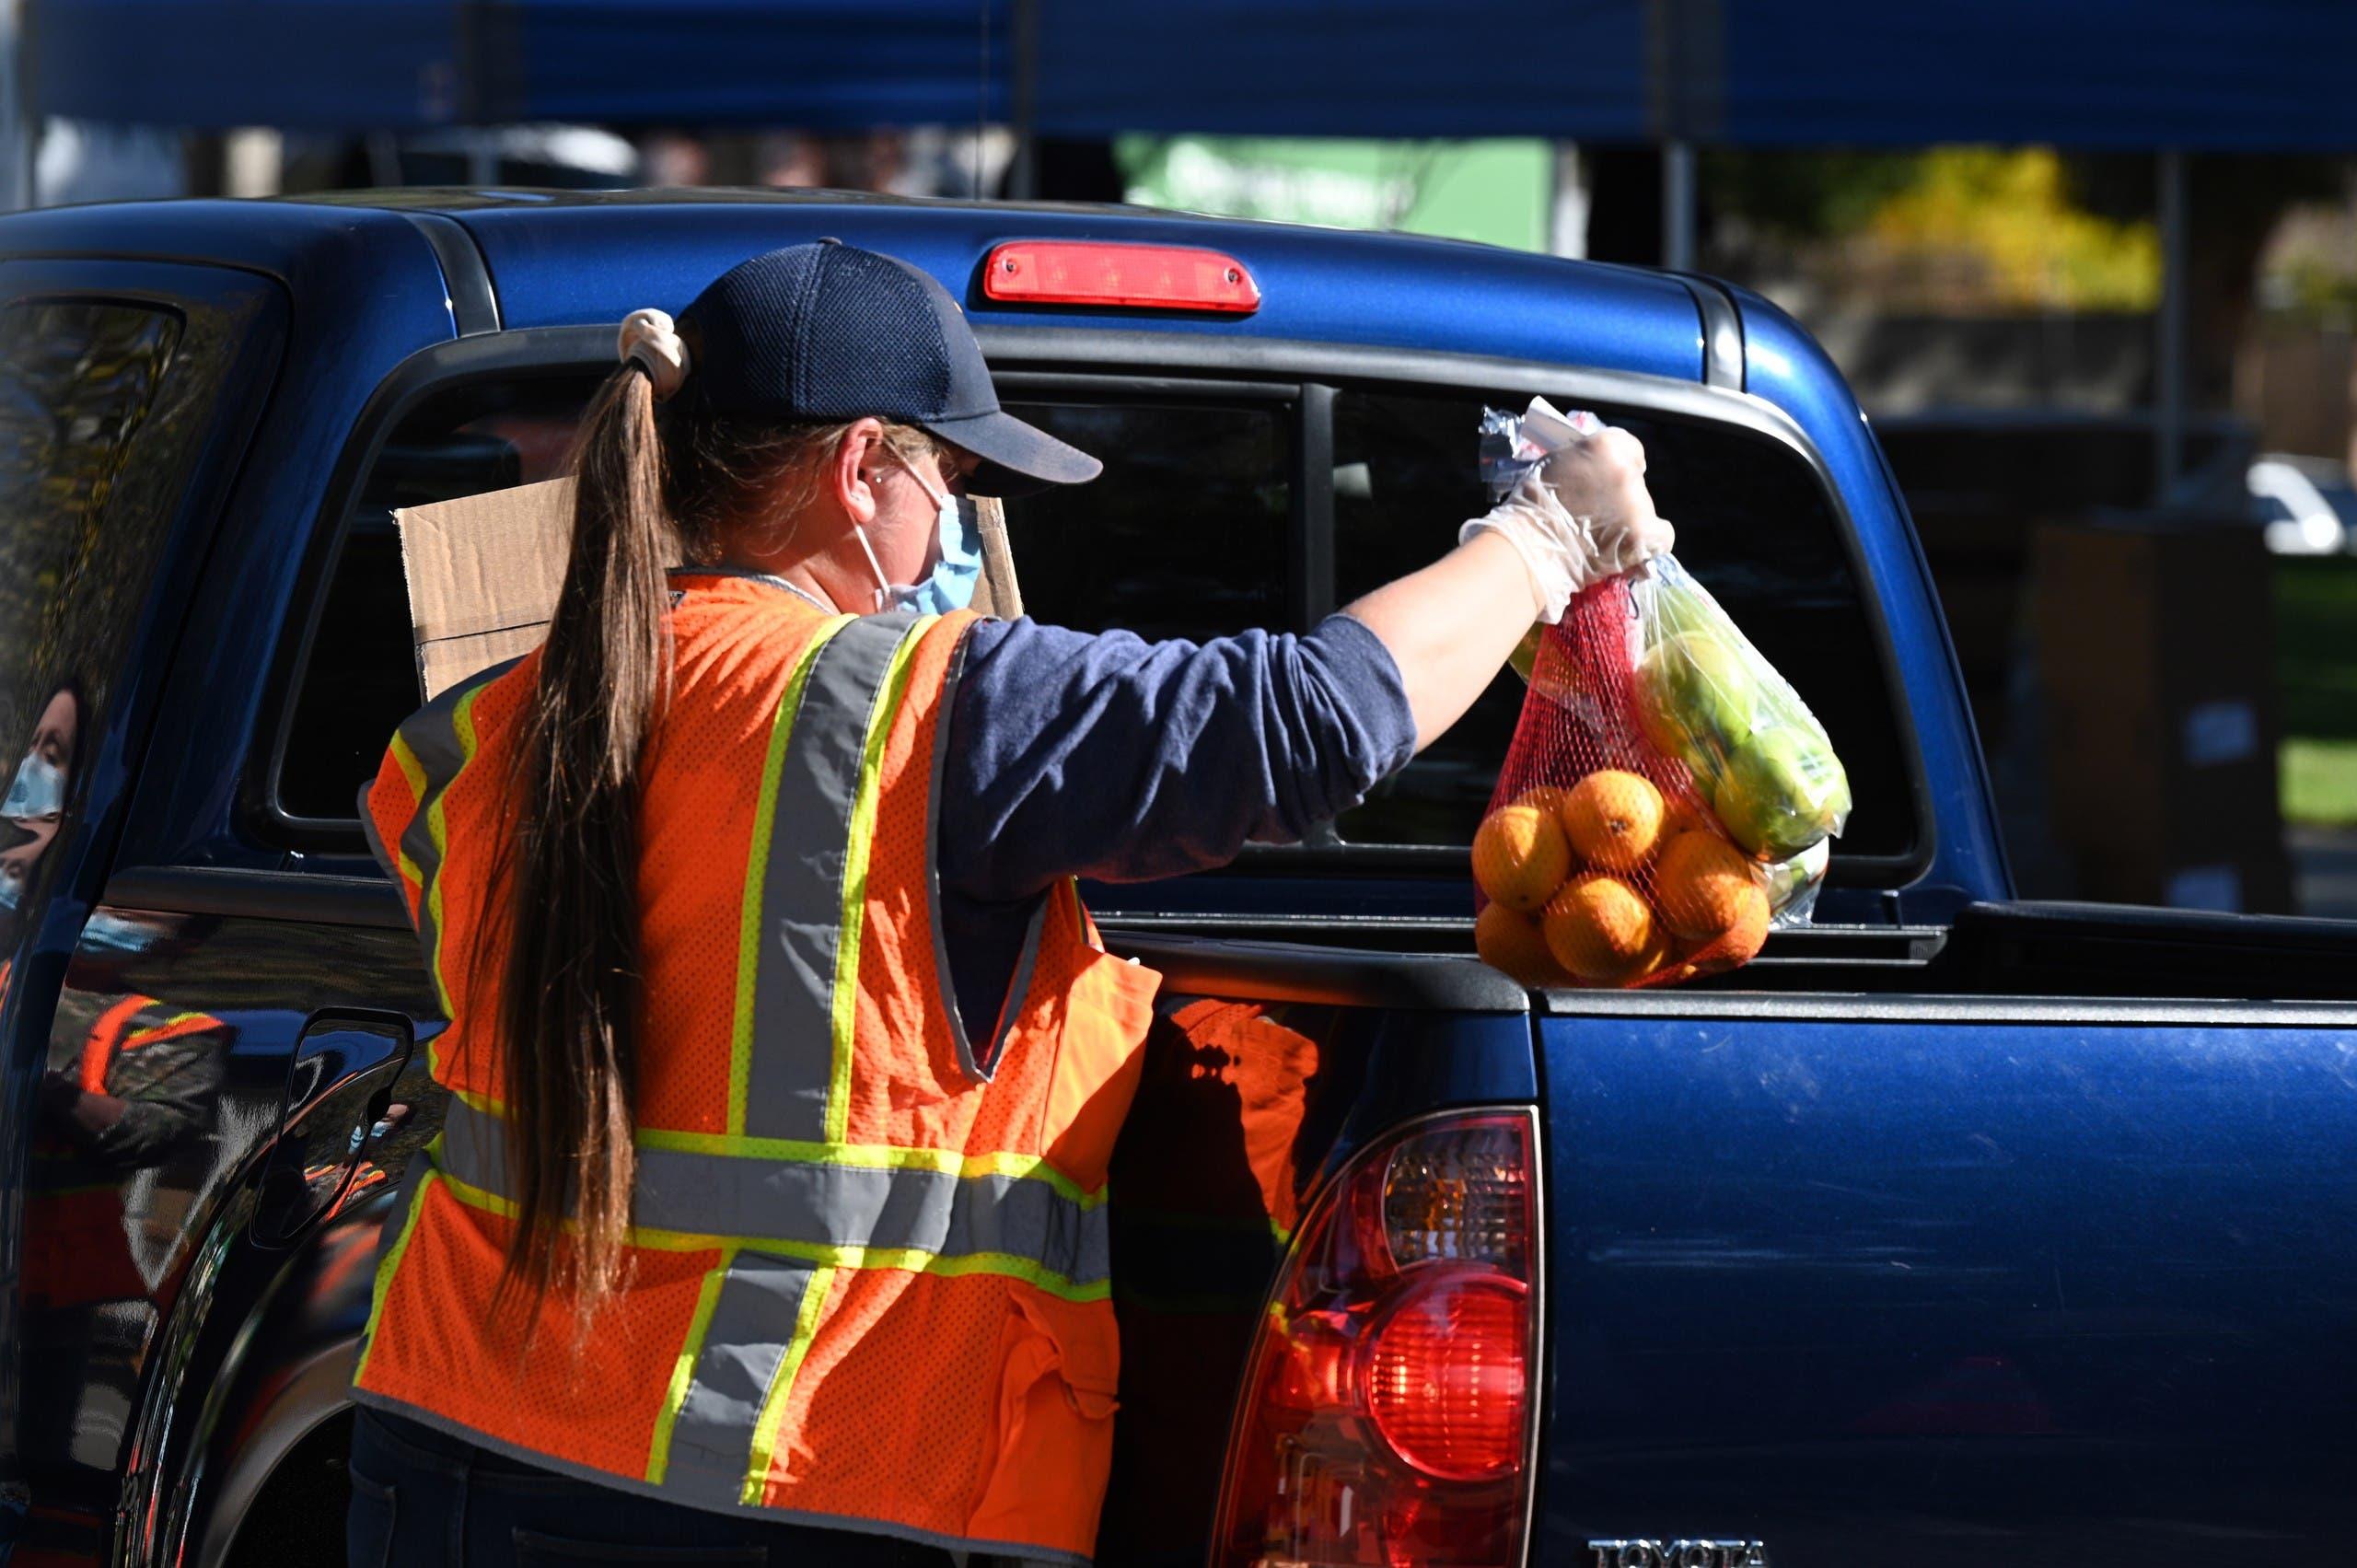 داوطلبان در تاریخ 1 دسامبر سال 2020 در لس آنجلس مواد غذایی را برای افراد ناامن توزیع می کنند